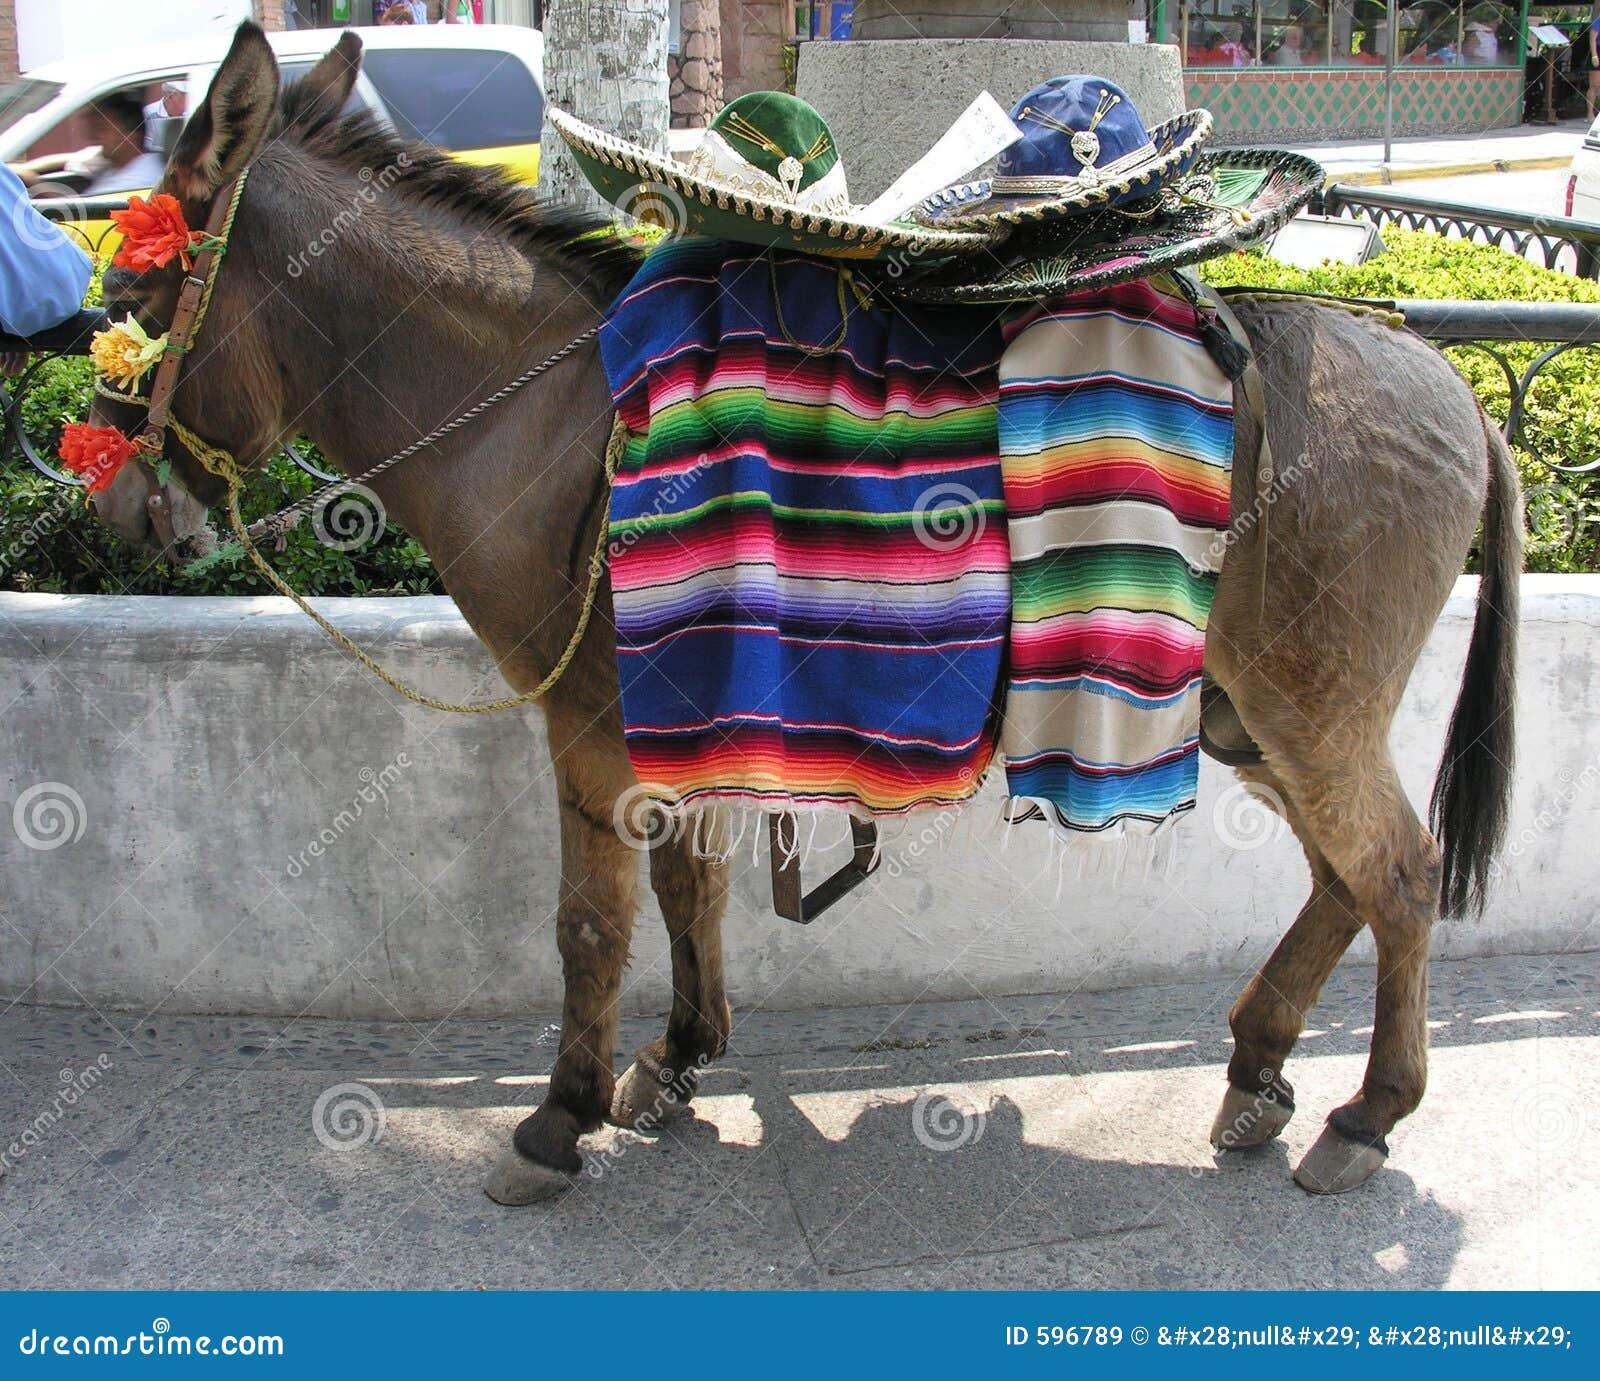 Burro mexicano